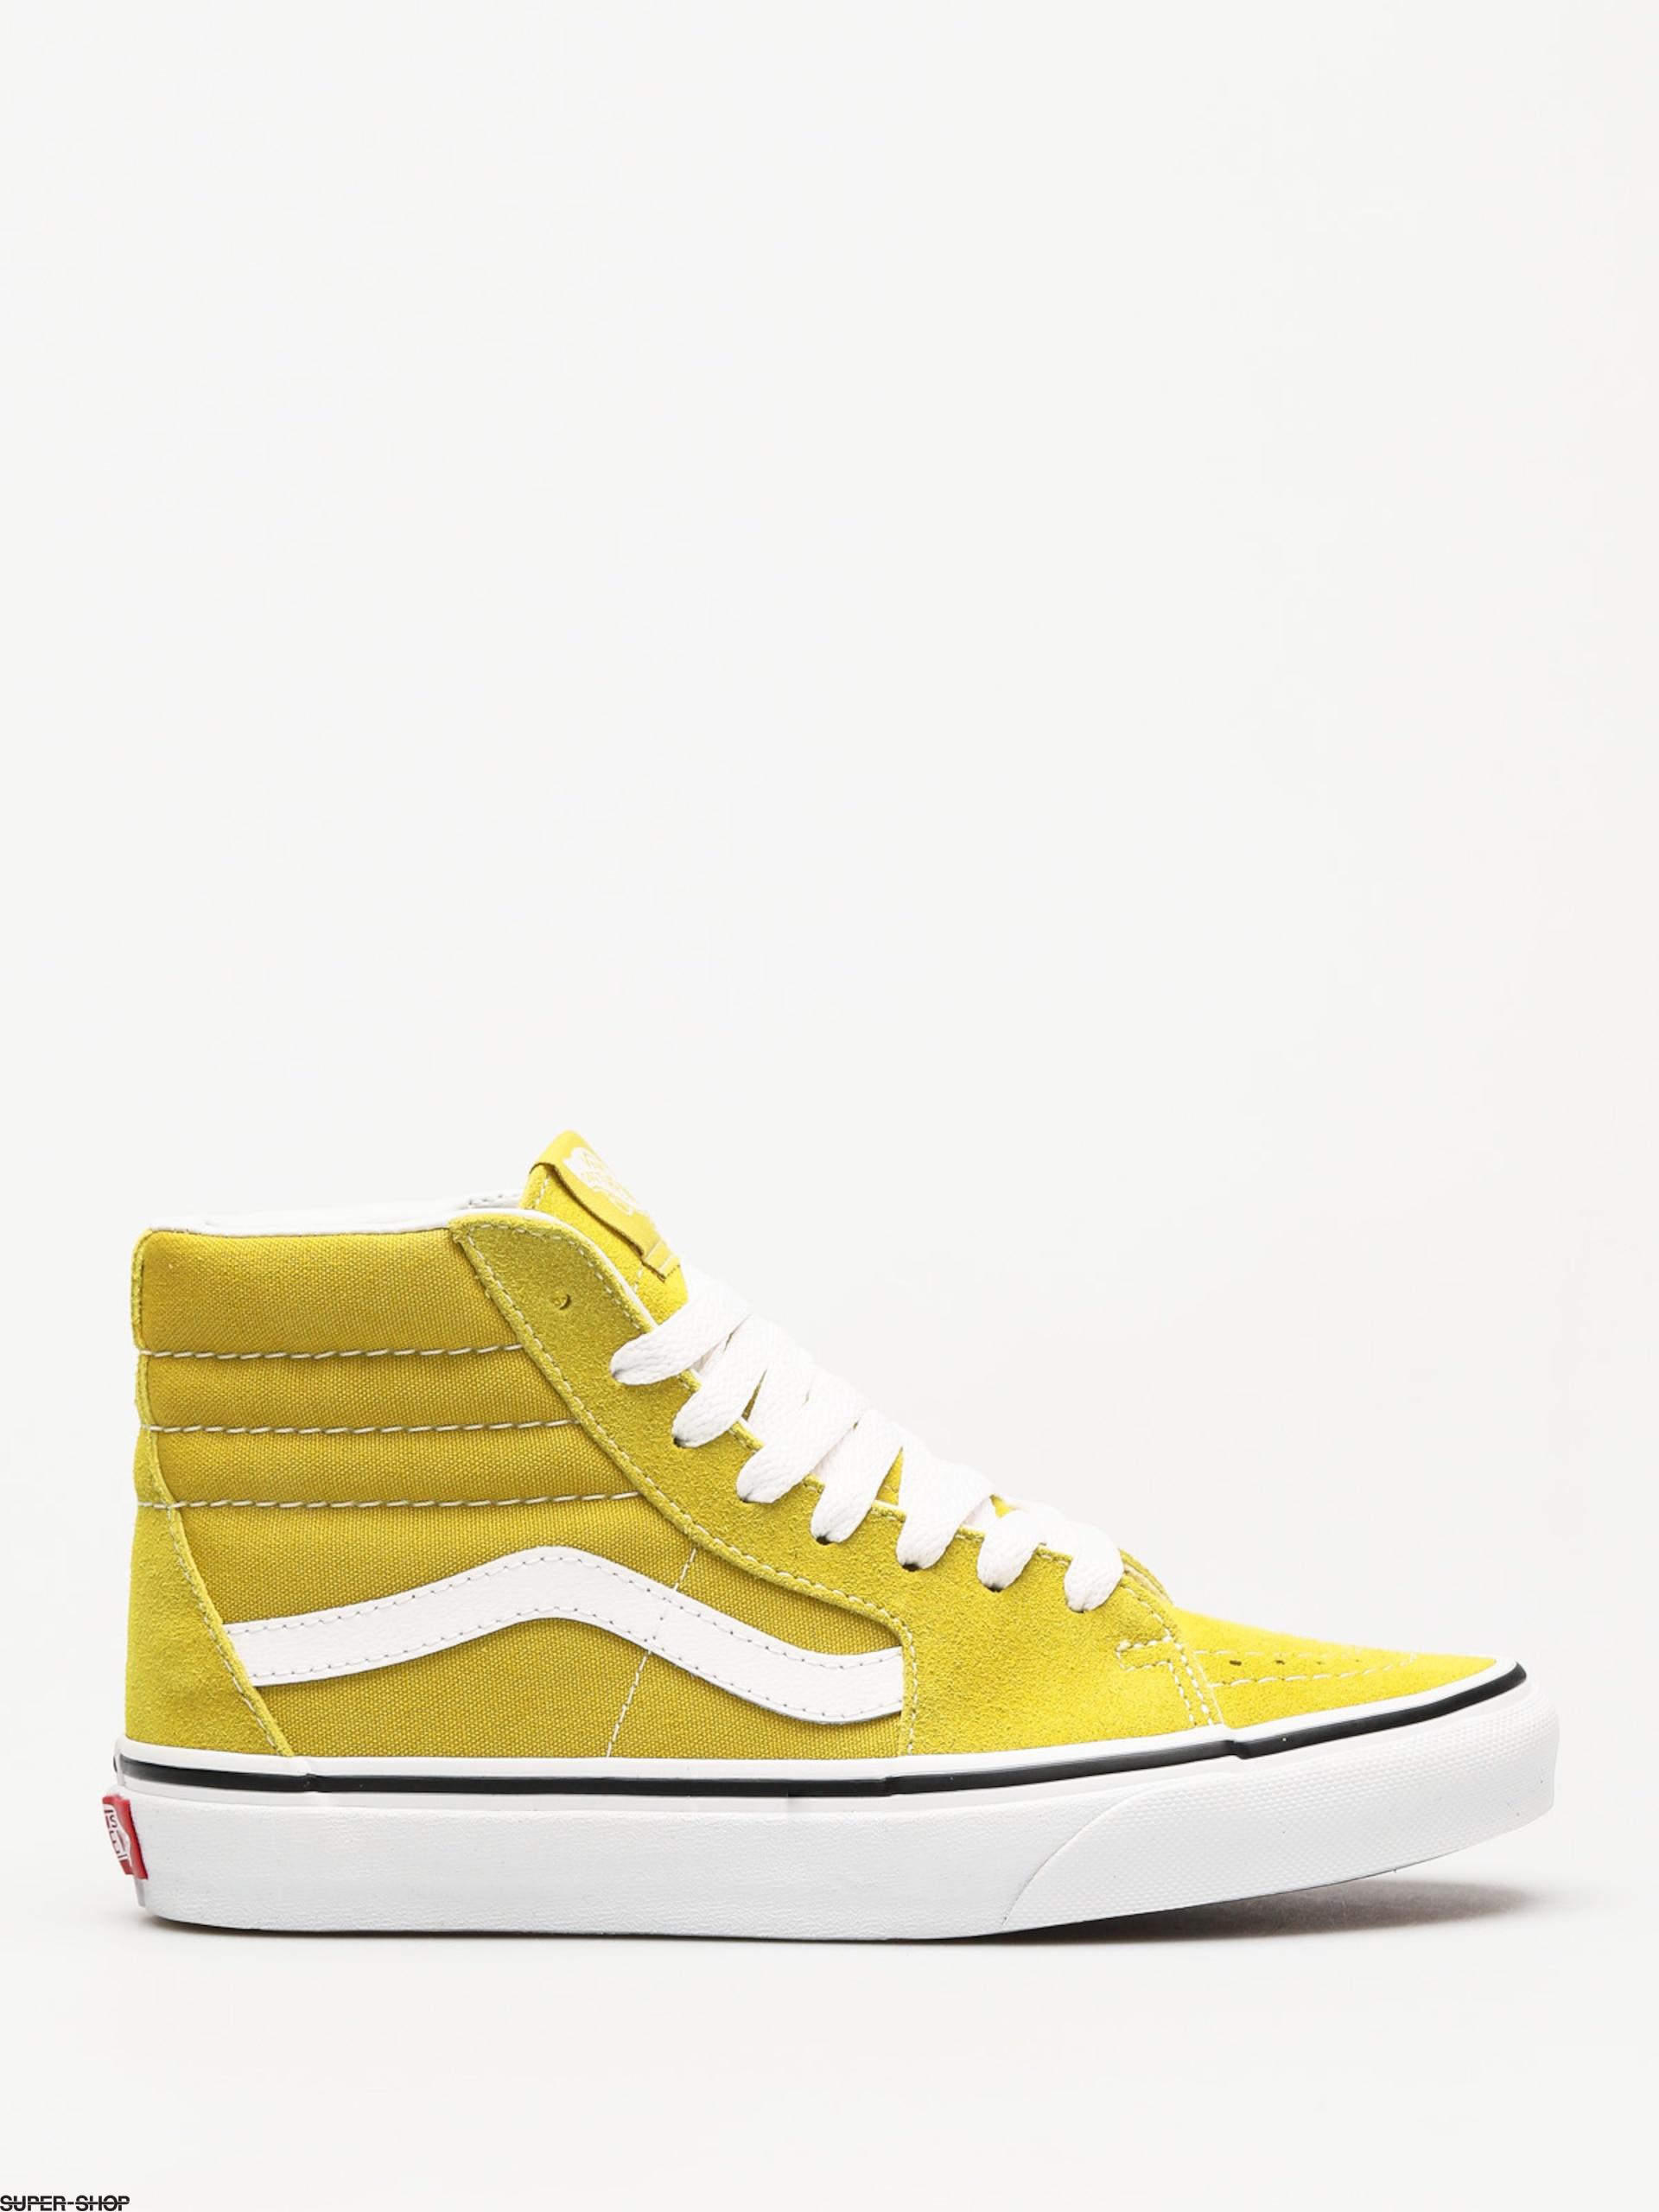 949056-w1920-vans-shoes-sk8-hi-cress-green-true-white.jpg c7ba3c9f1